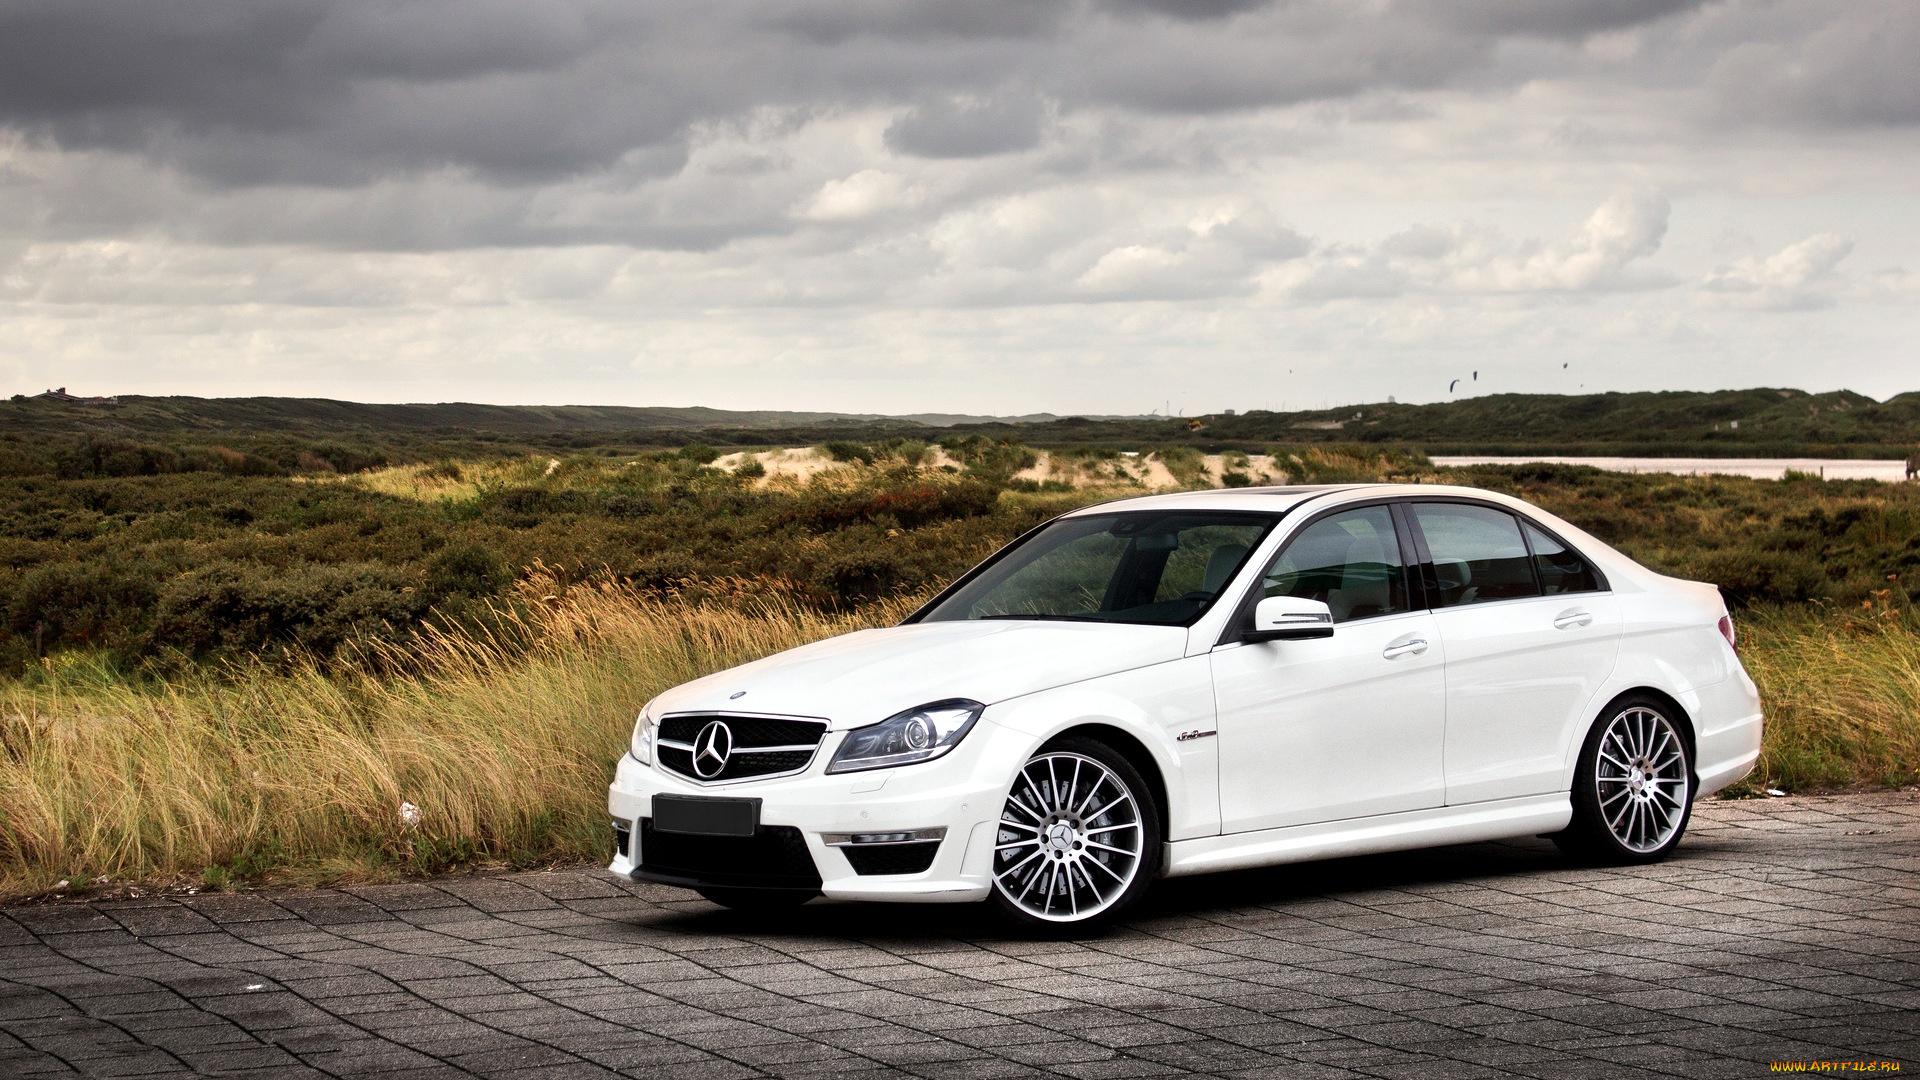 мерседес серебристый Mercedes silver  № 288010 бесплатно